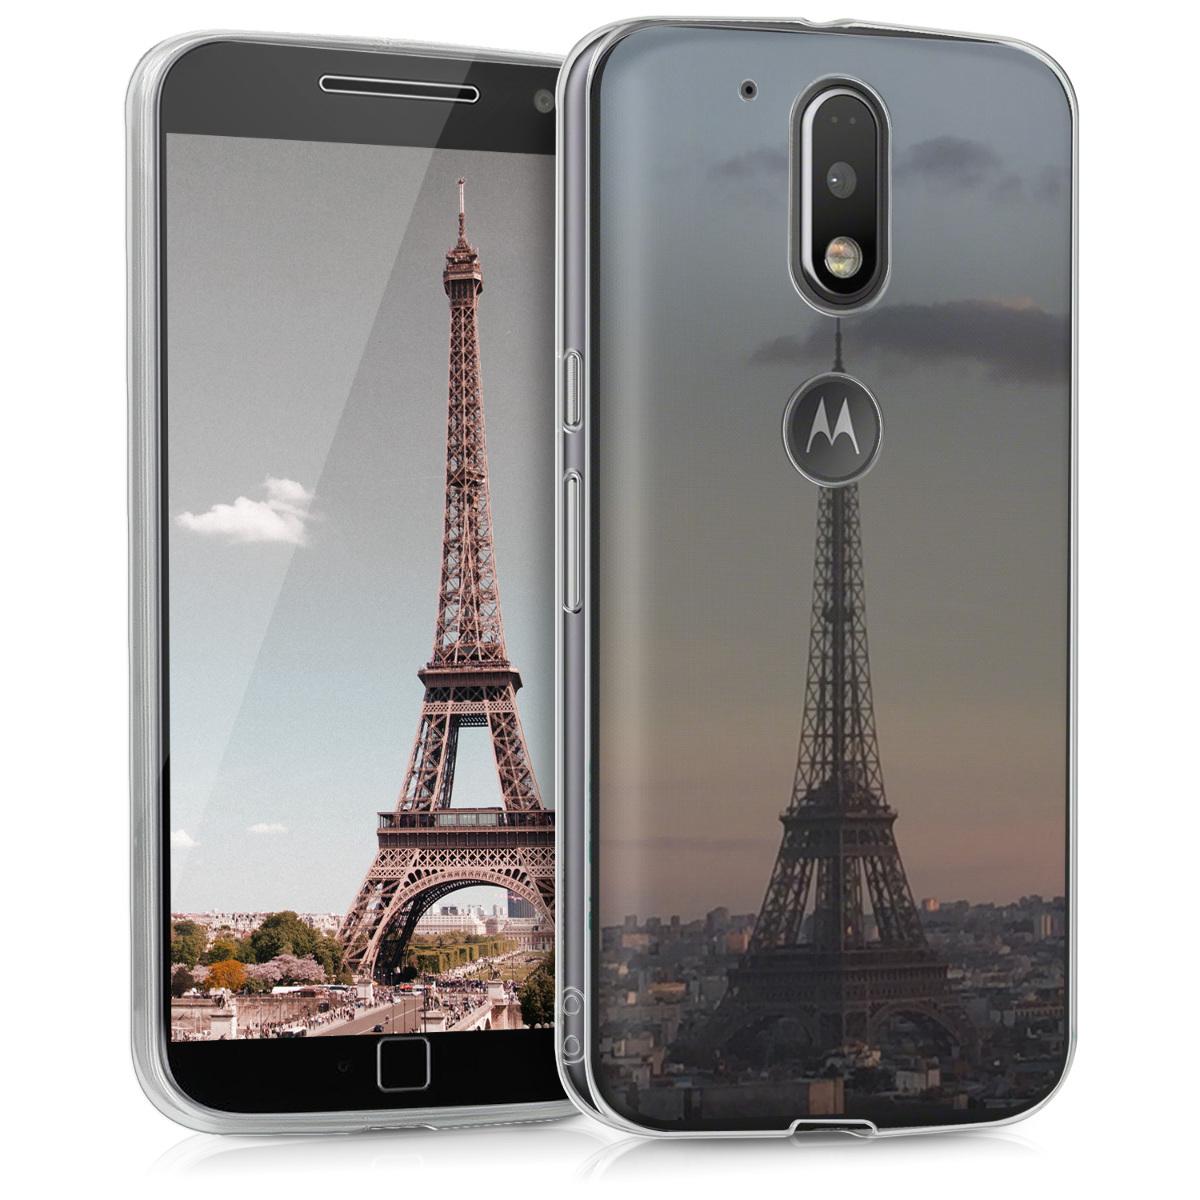 Kvalitní silikonové TPU pouzdro | obal pro Motorola Moto G4 / Moto G4 Plus - Eiffelova věž antracitová / růžová / průhledná